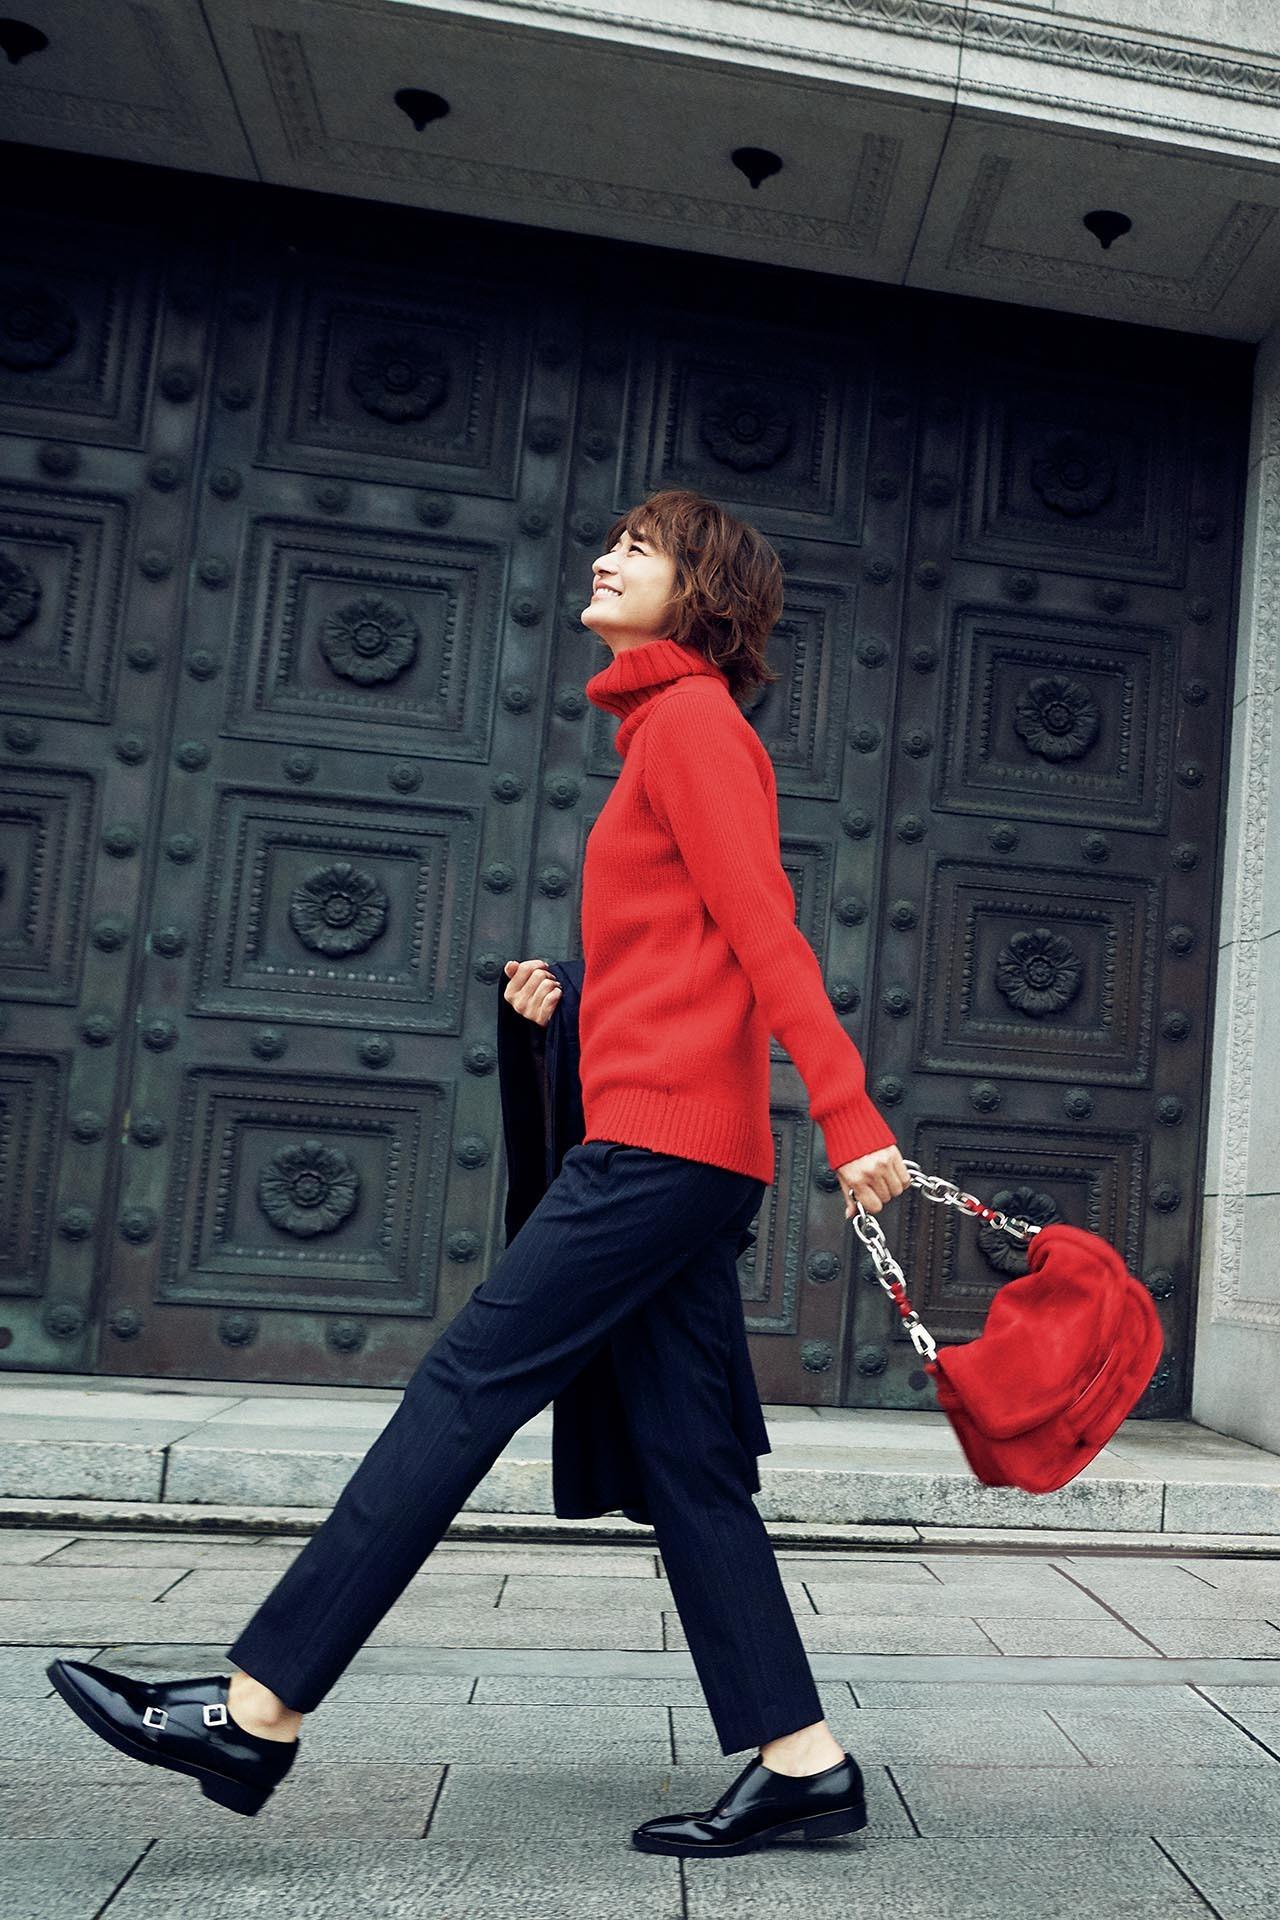 大人を元気に見せてくれる色、「赤」をまとって冬の街へ出かけよう! 五選_1_1-1